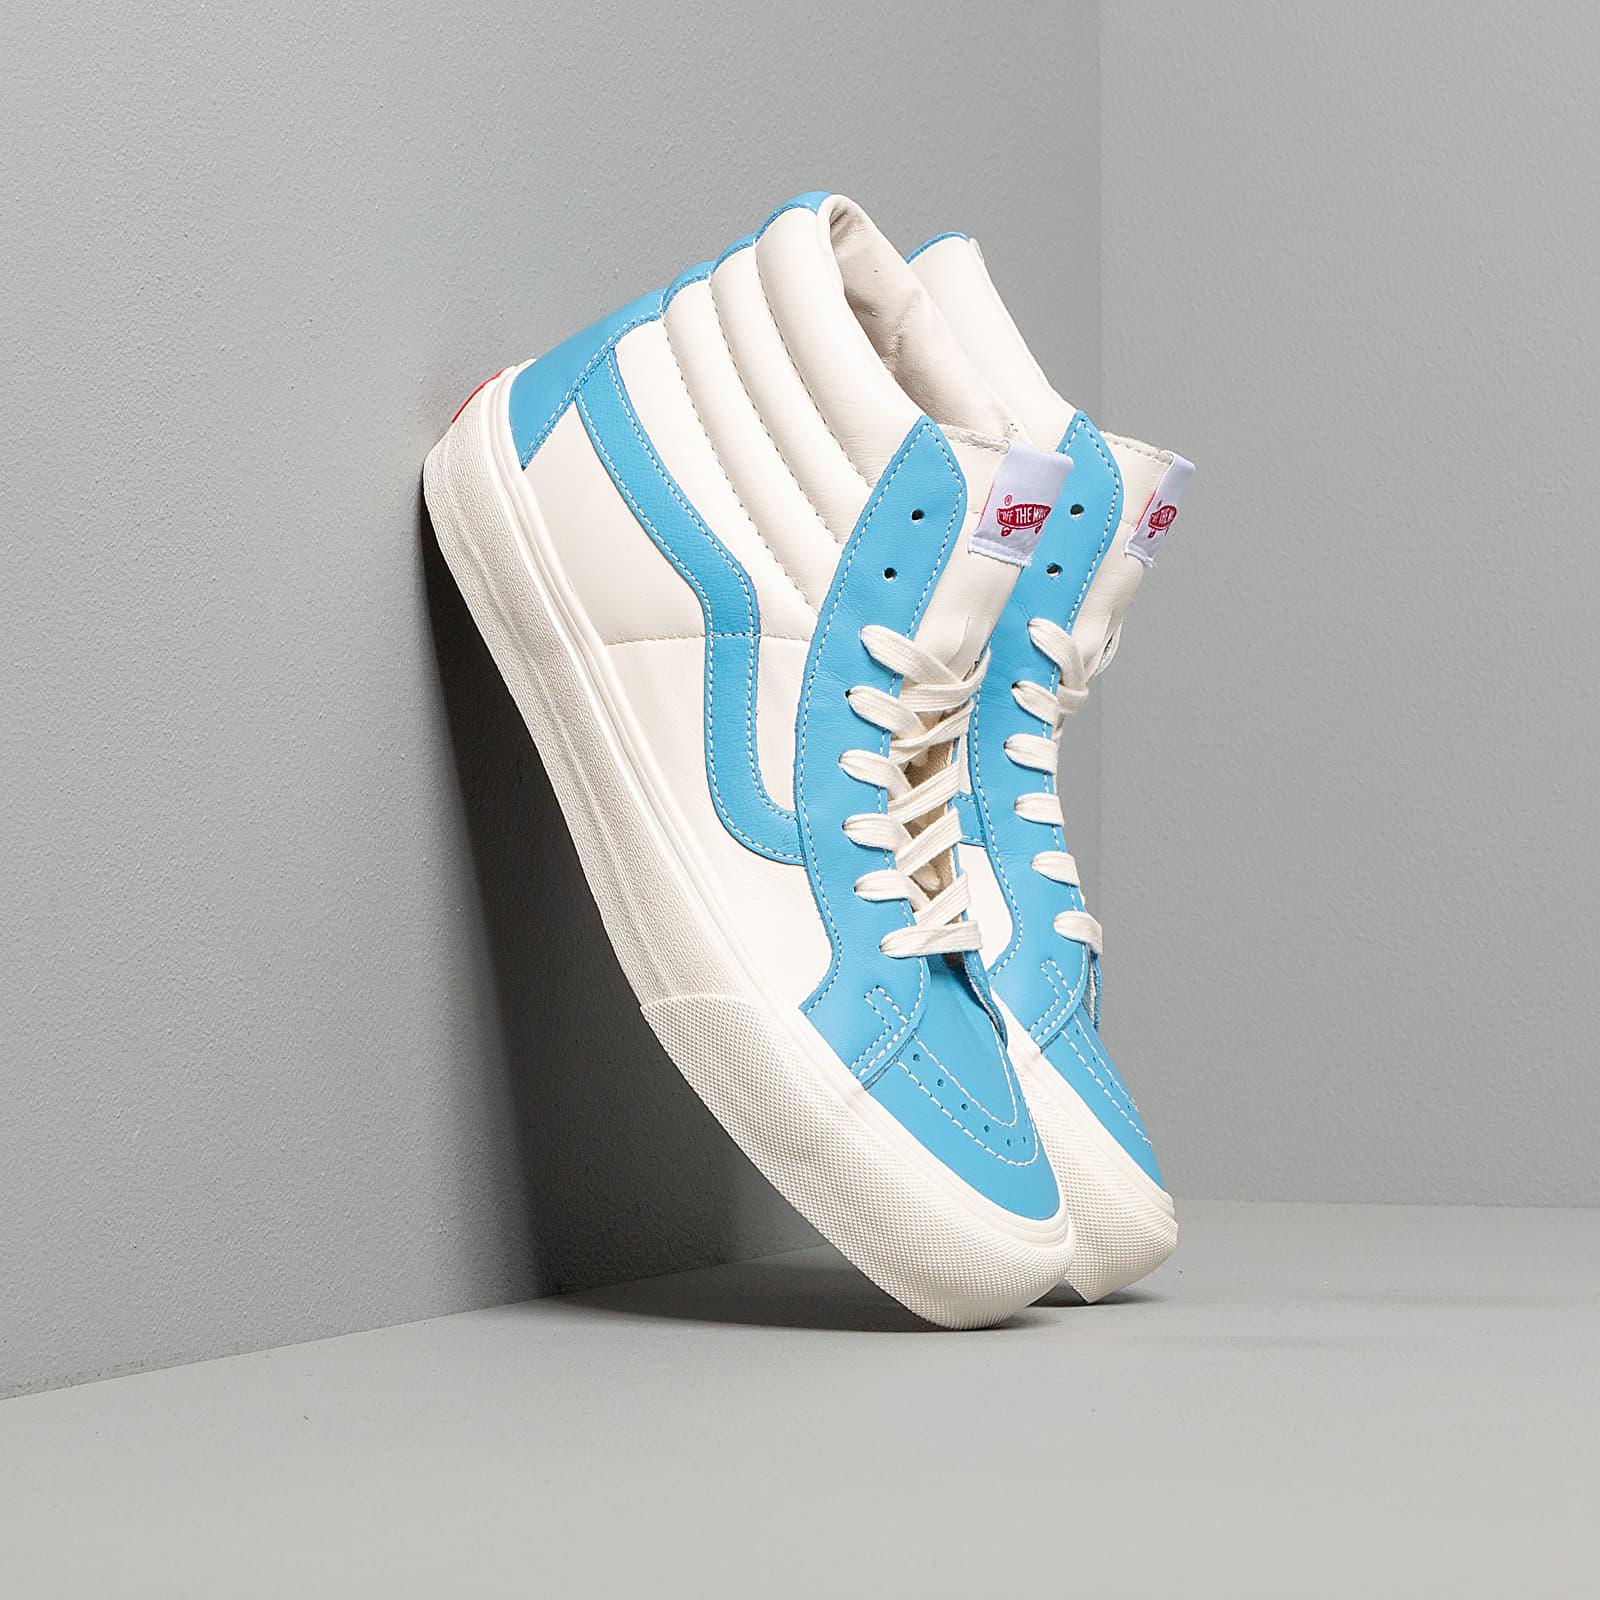 Pánské tenisky a boty Vans Sk8-Hi Reissue Vl (Leather) Bonnie Blue/ Marshmallow